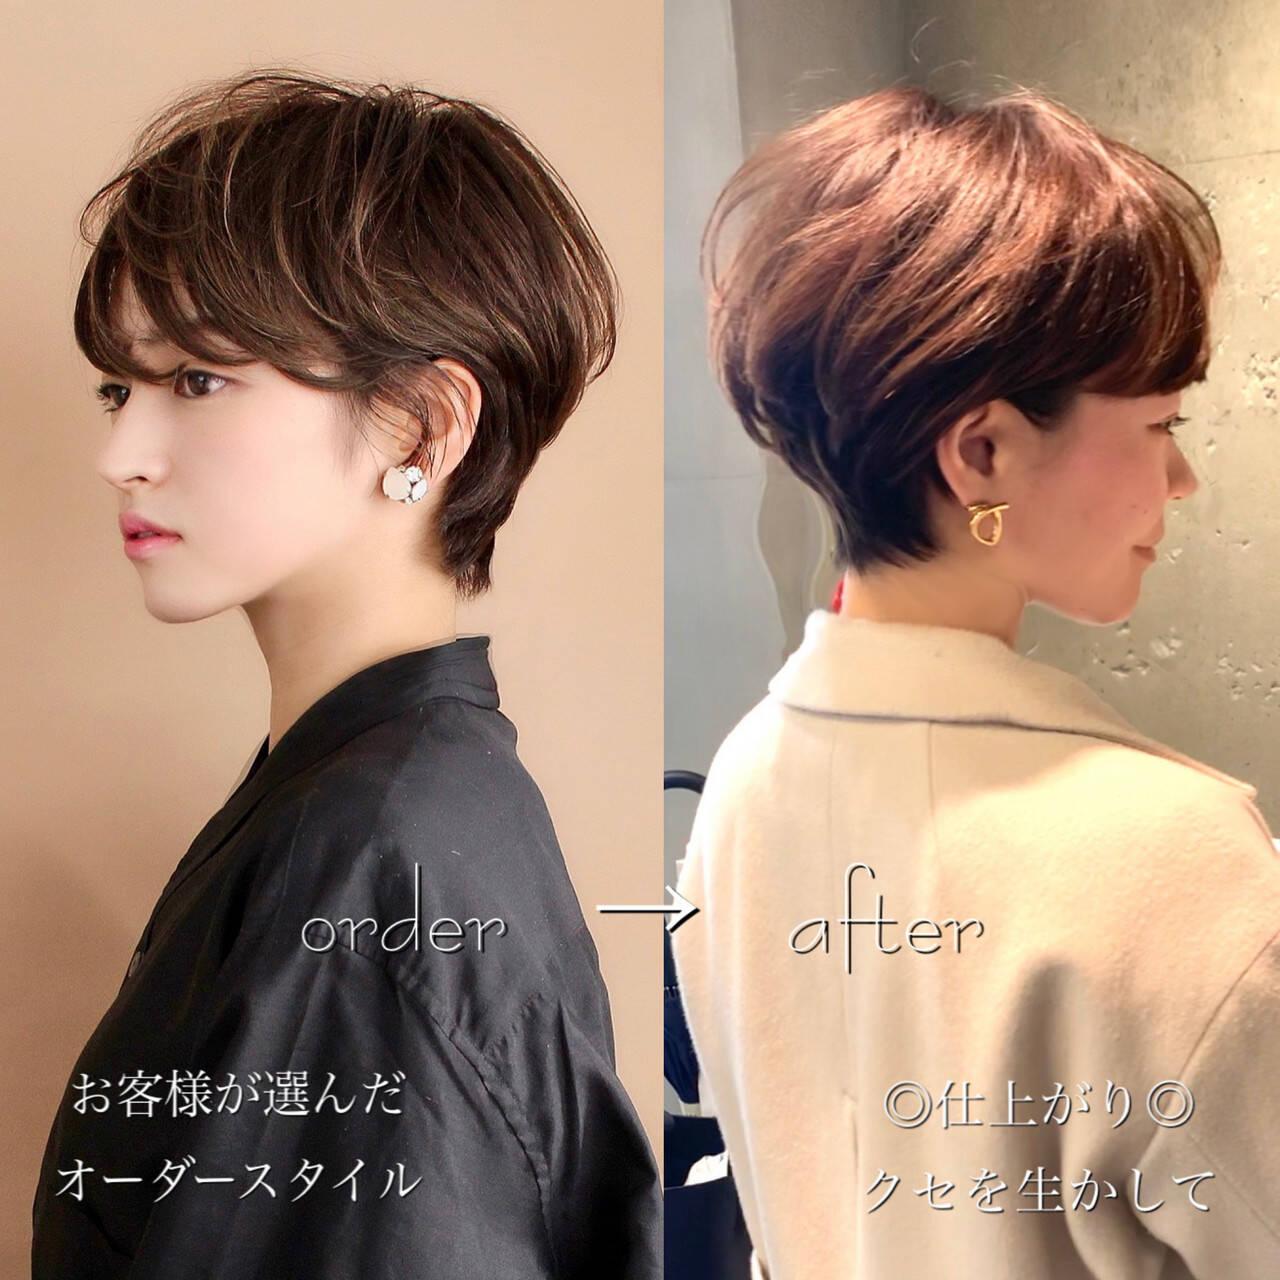 田丸麻紀 北川景子 フェミニン ショートヘアヘアスタイルや髪型の写真・画像